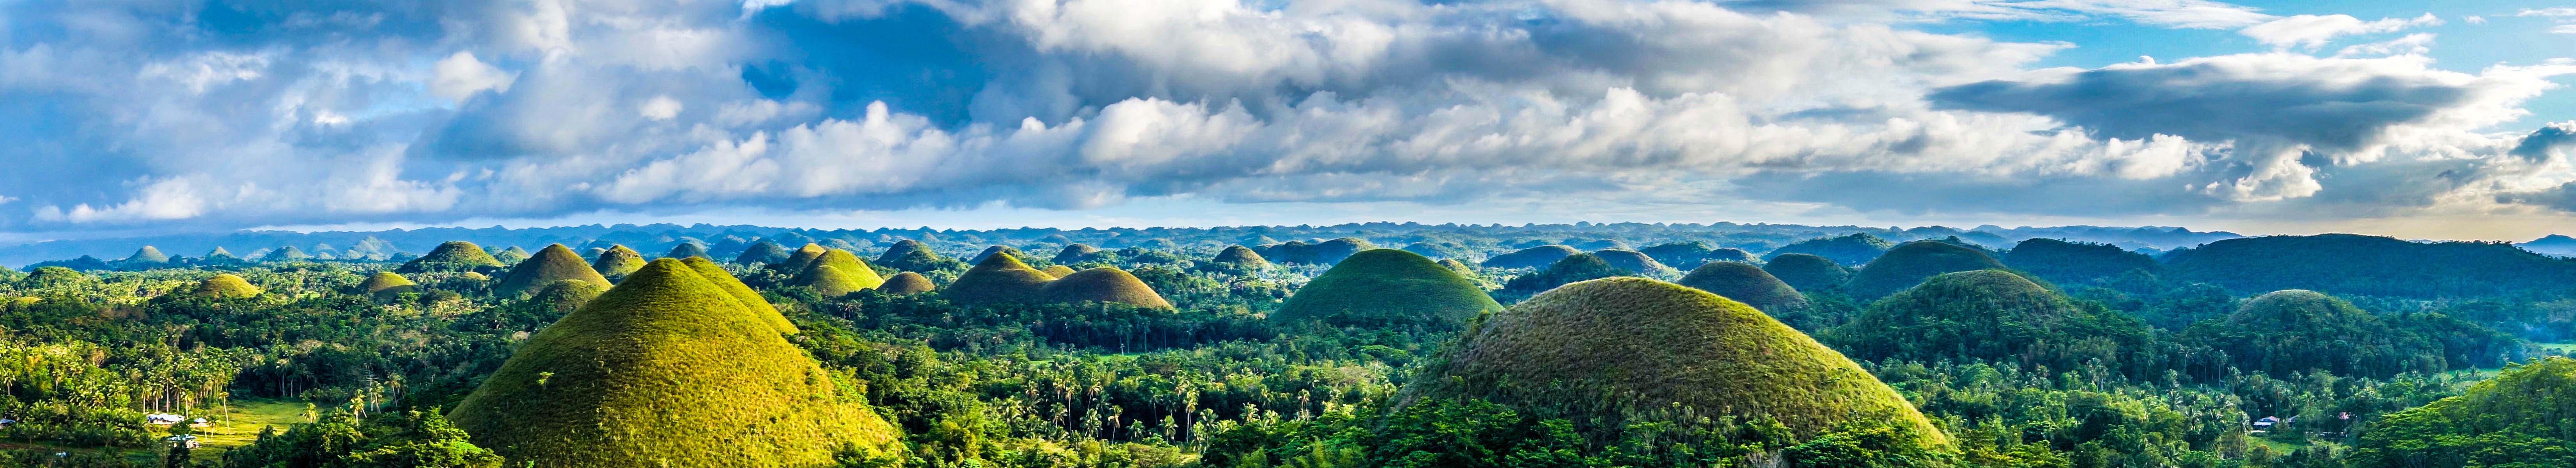 Филиппинское приключение <br> Манила – Себу – Бохоль